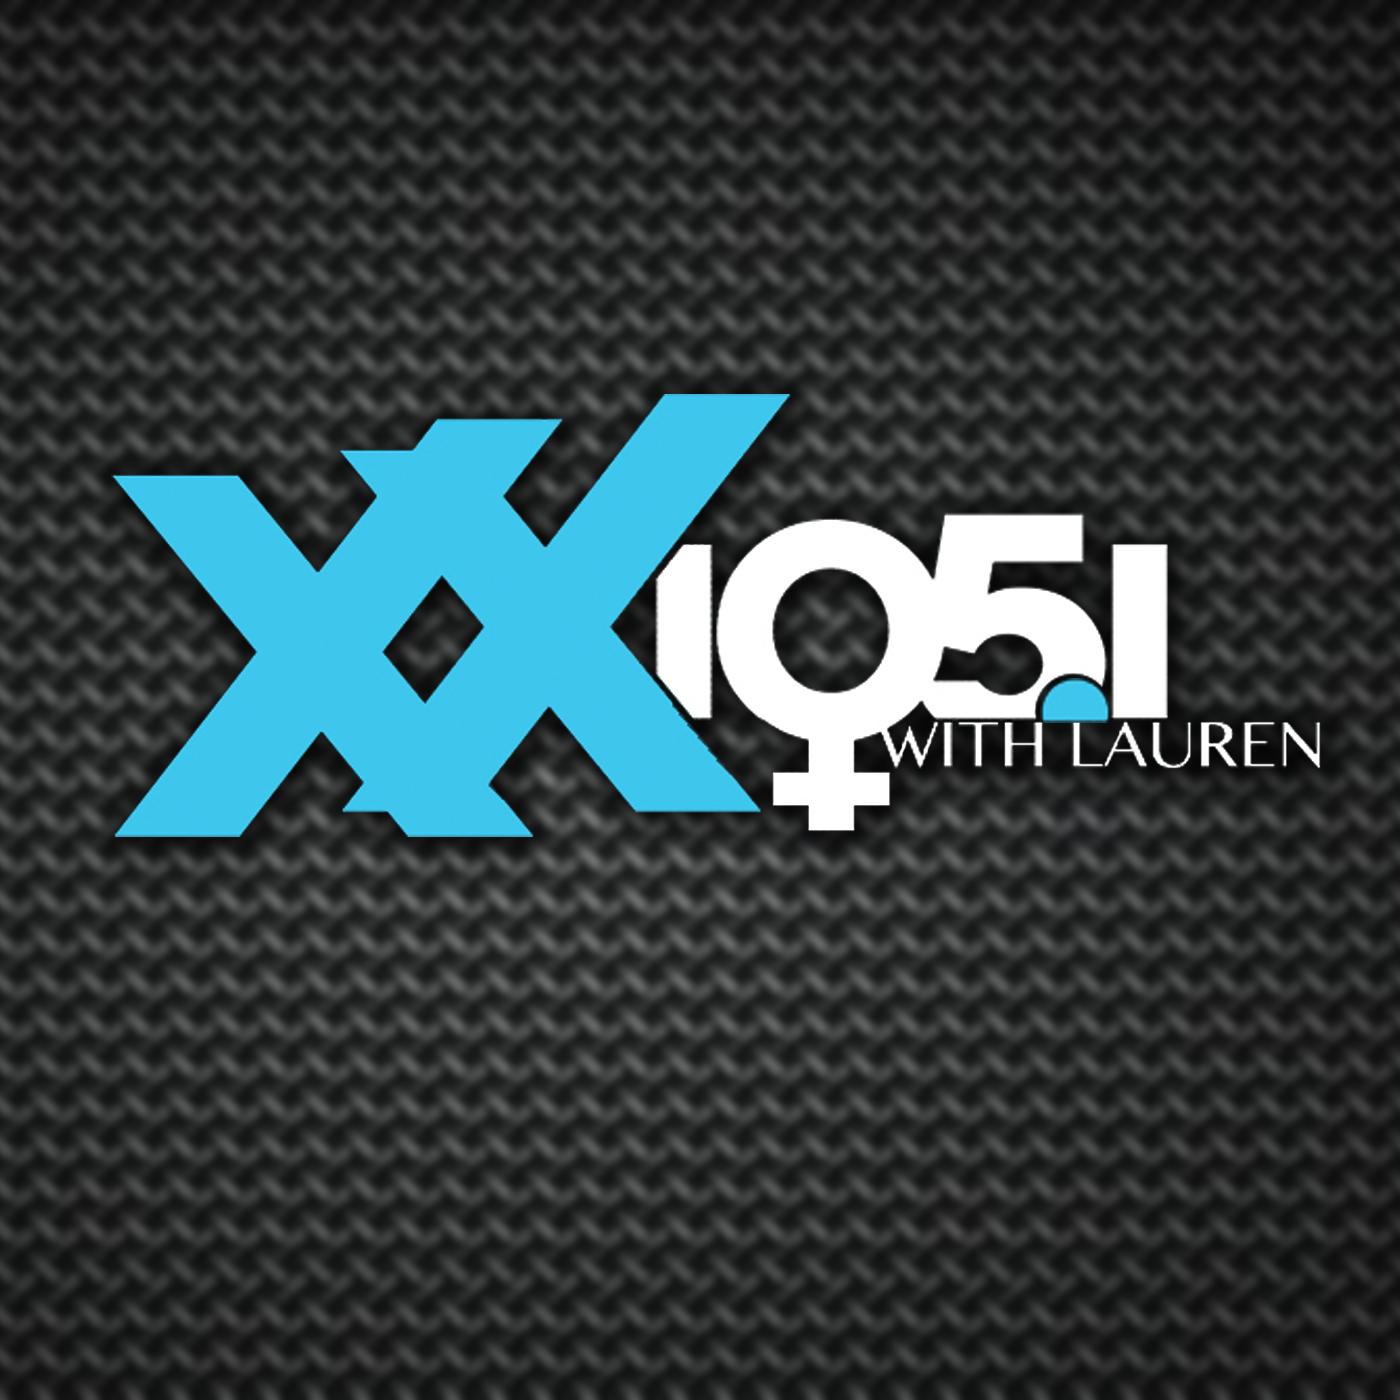 XX1051 Playlist // 09.29.2019